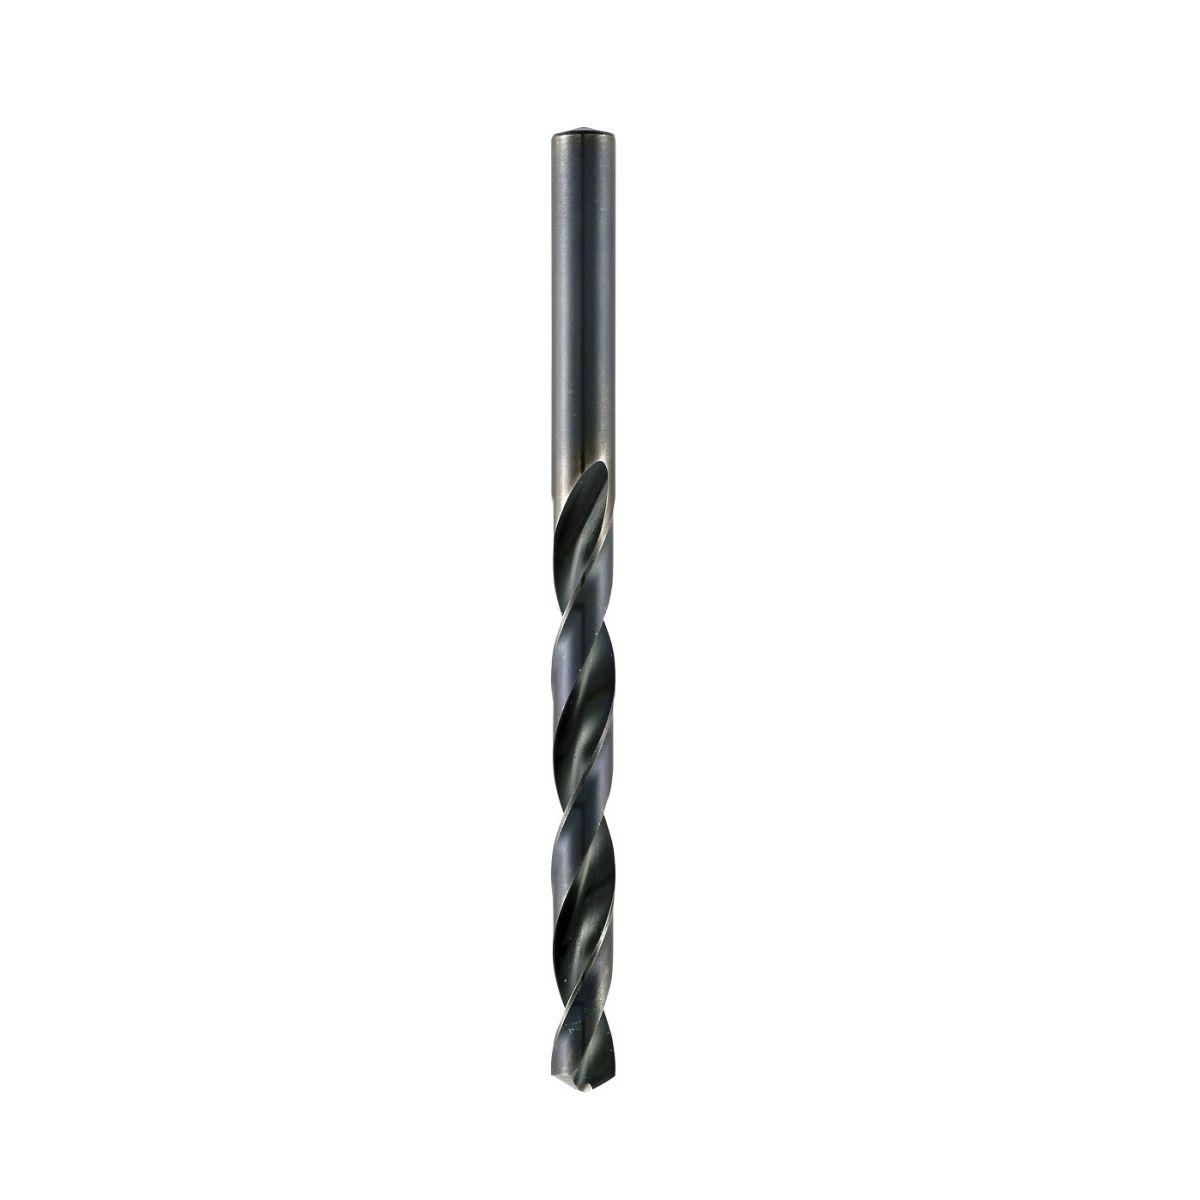 51631 330 mm jobber drill din 338 601003301